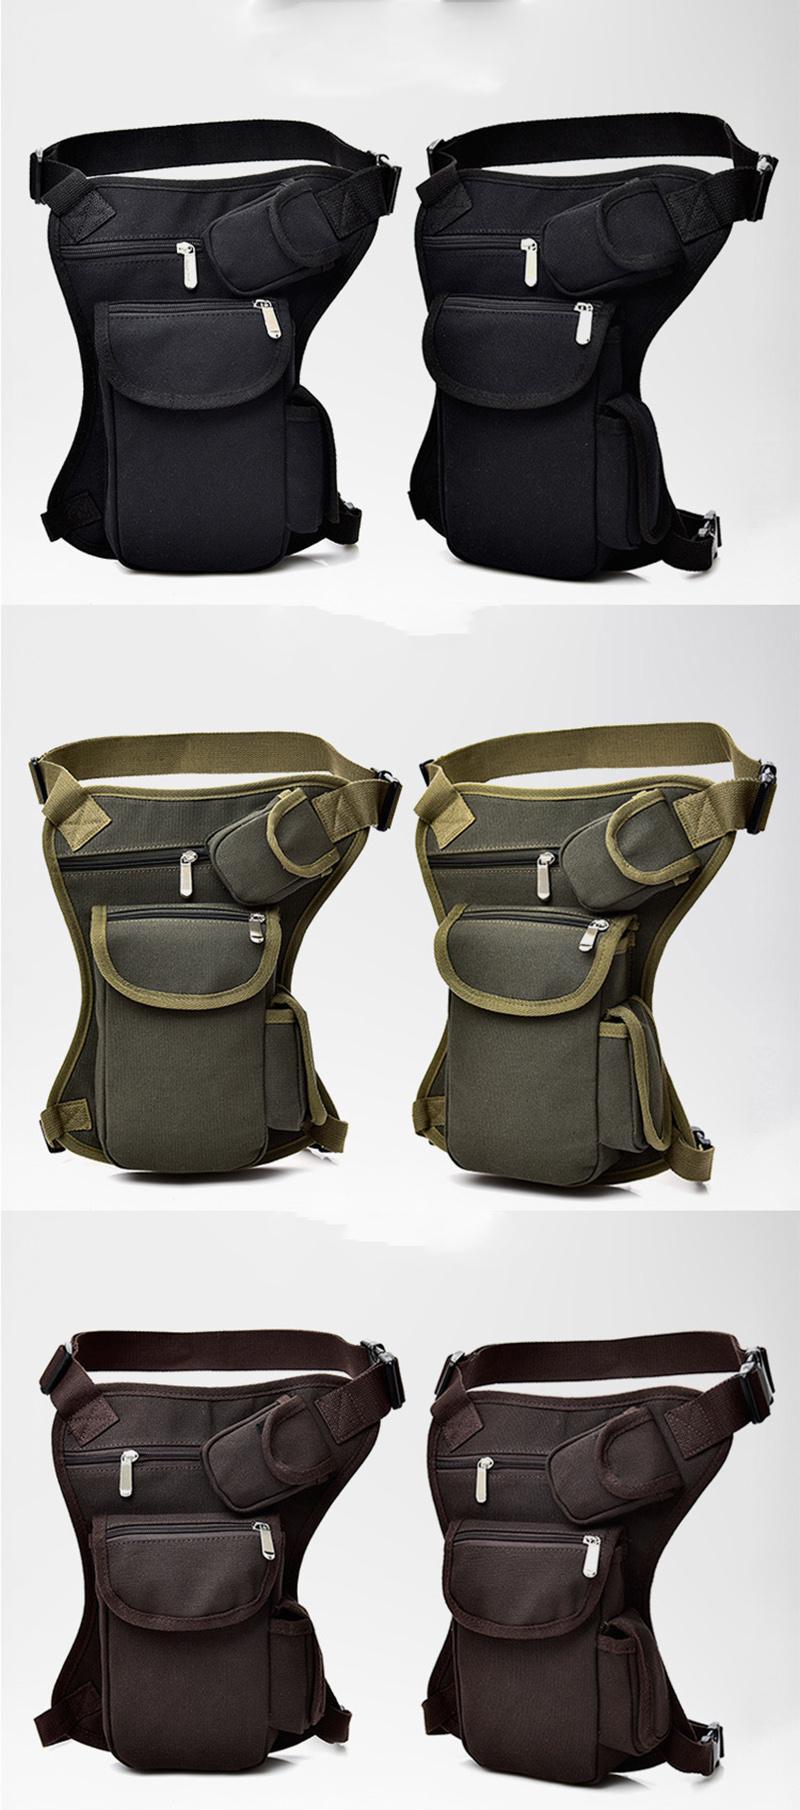 Radfahren Canvas Hüfttasche im Freien taktischen Multifunktions-Designer Hüfttasche Beinbeutel Freizeit Sport Angeln Gear Bag